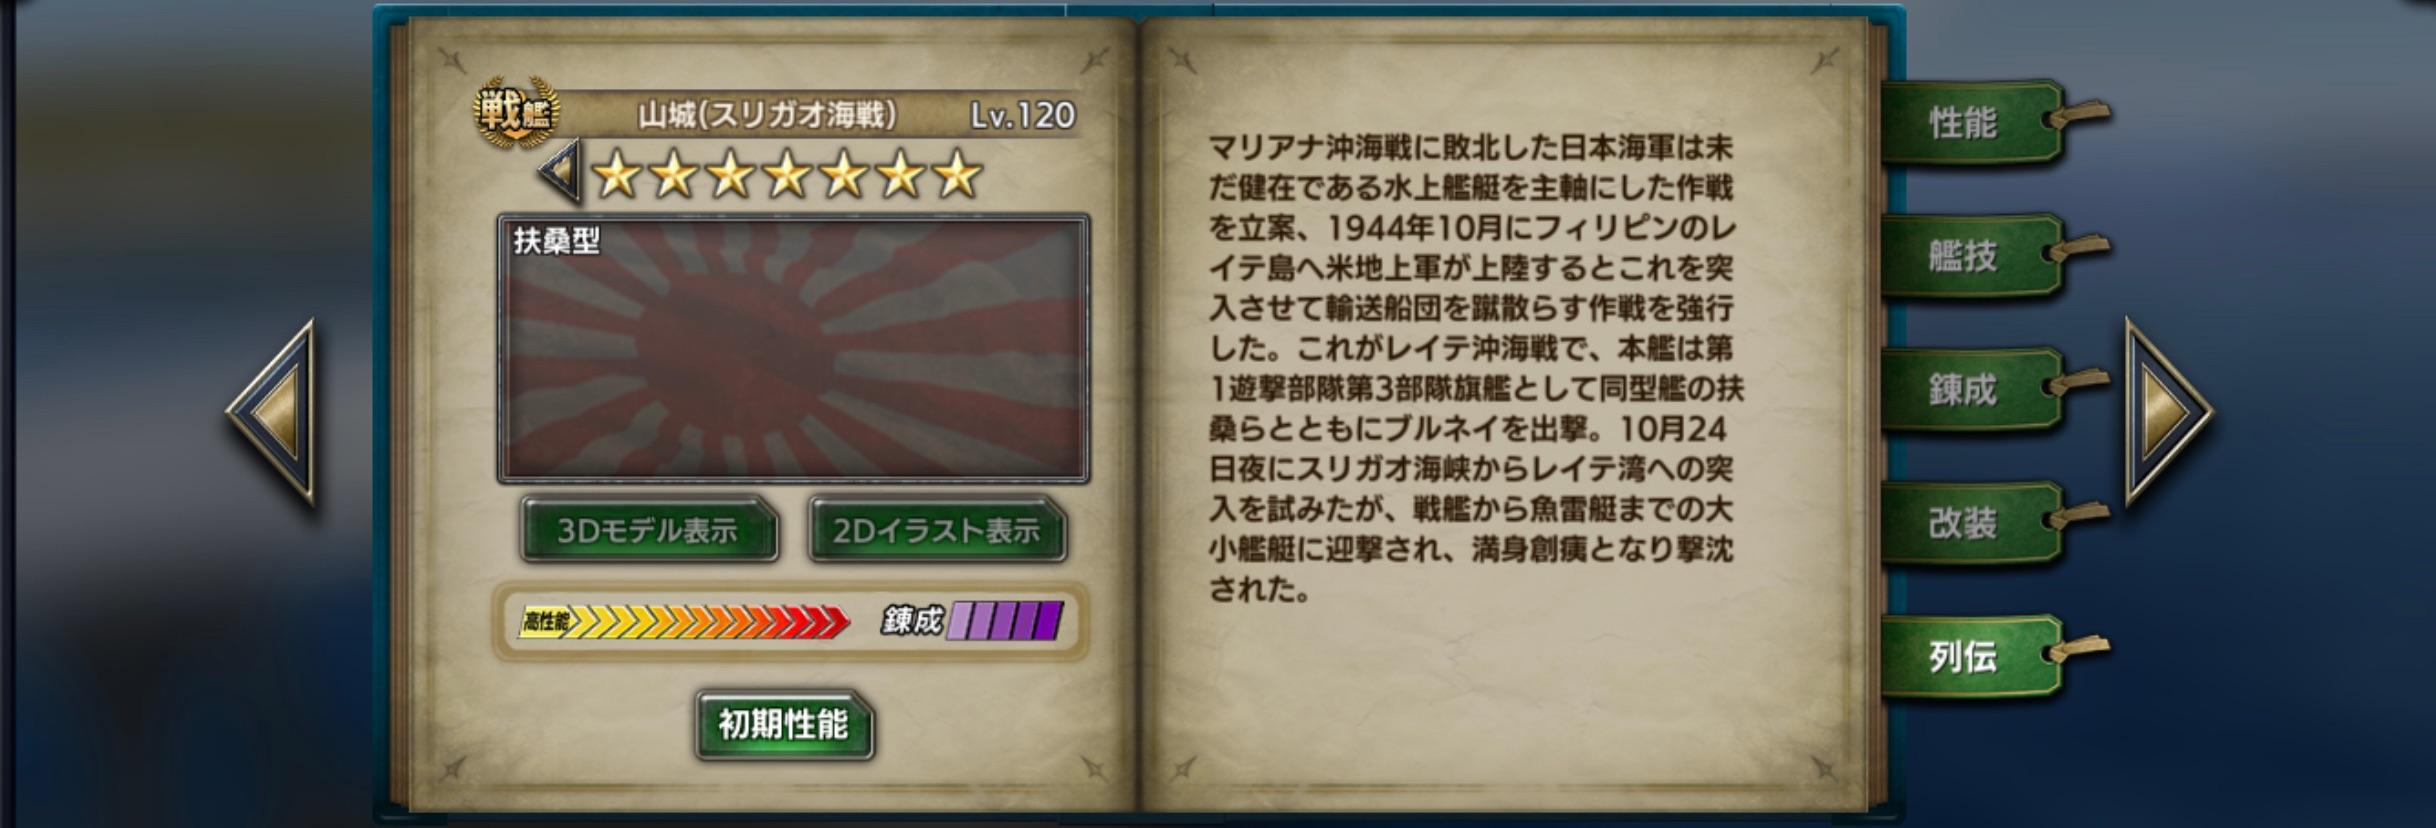 YamashiroS-history